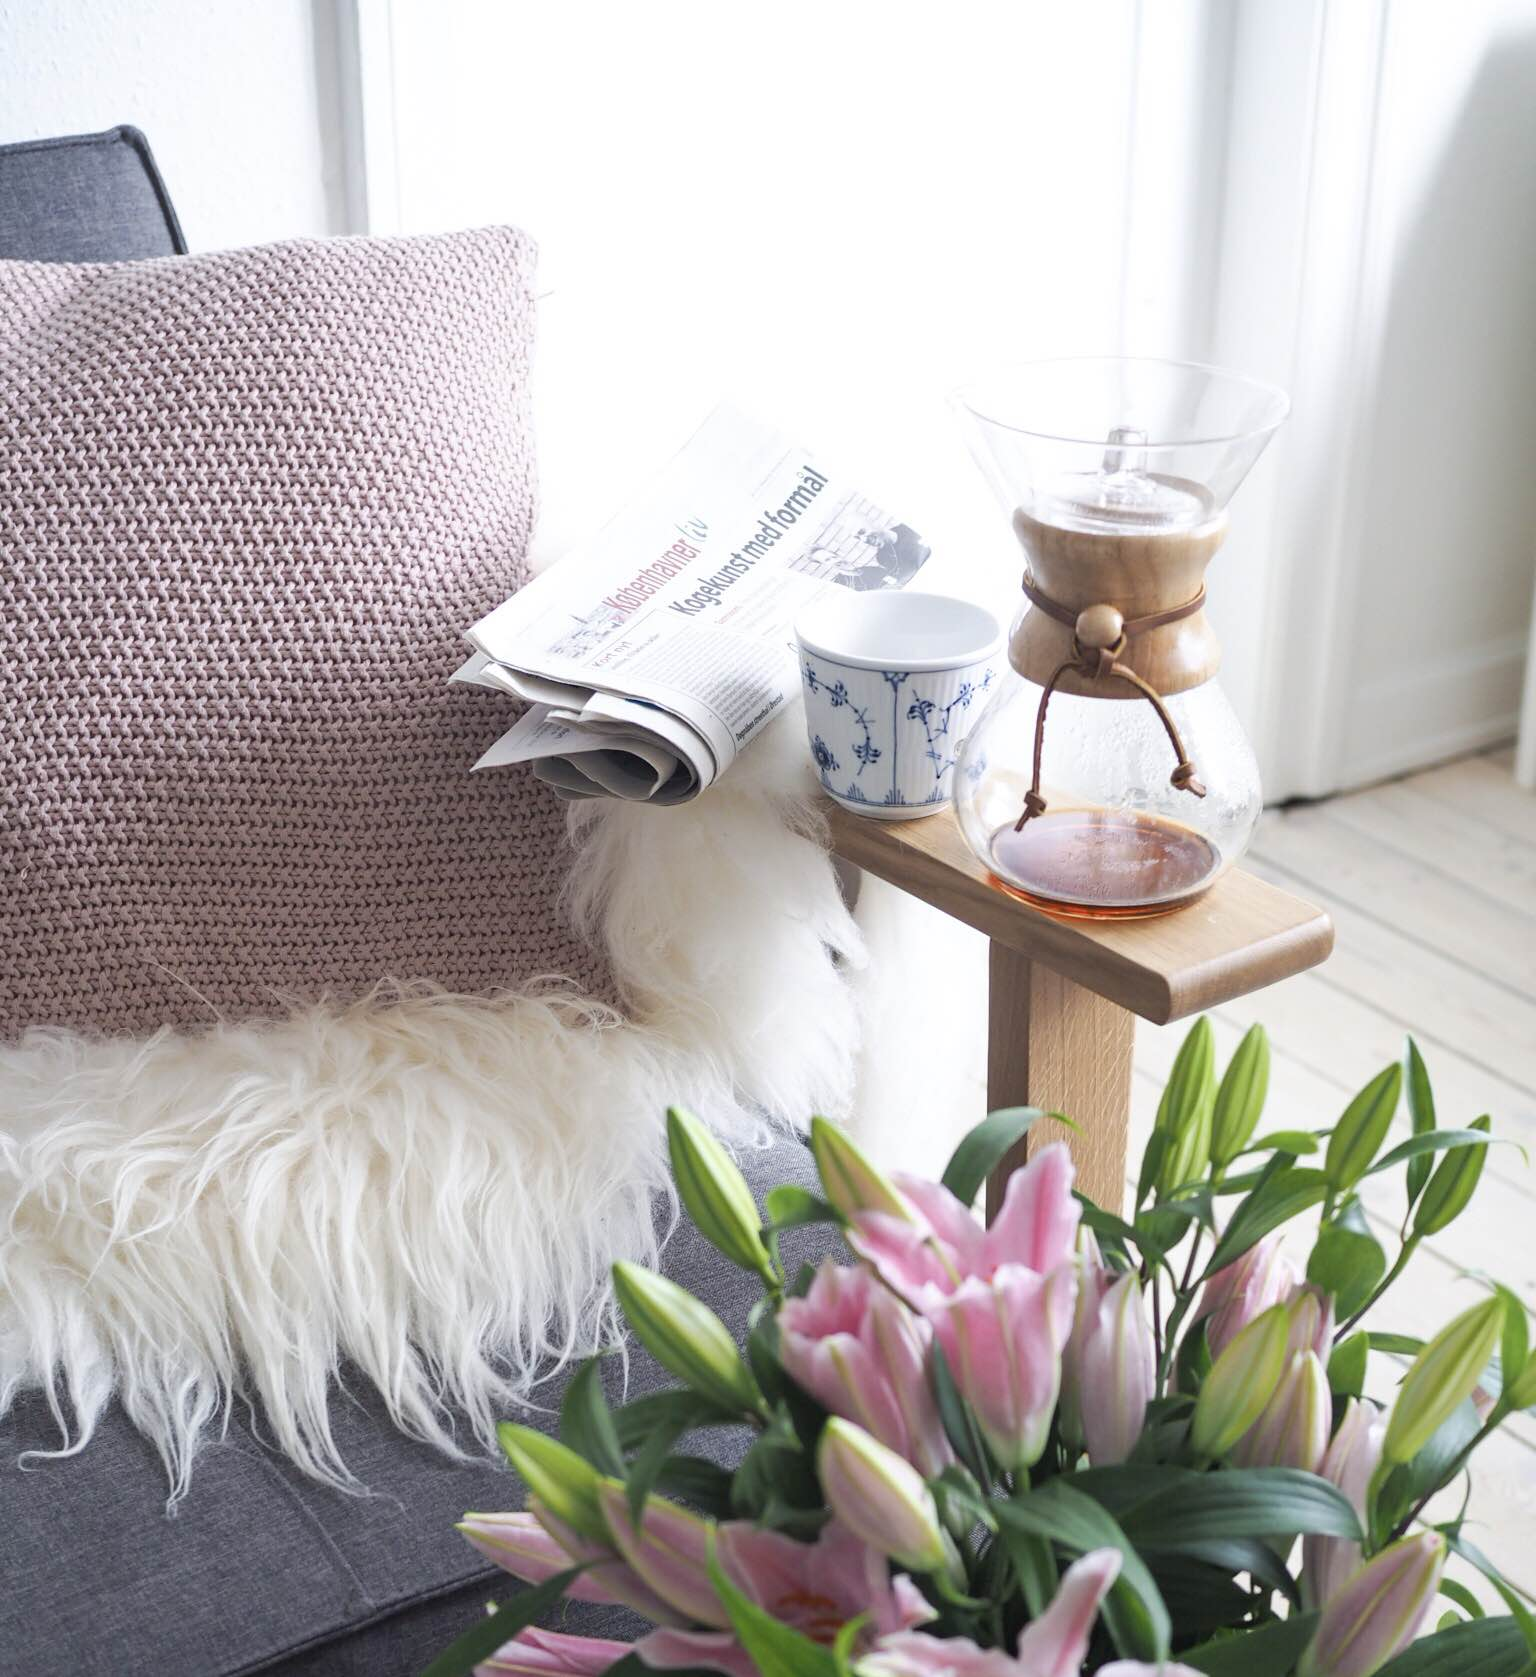 Dansk hygge, danish hygge med kaffekande fra Chemex, en stor buket lyserøde liljer, grå sofa, islands skind og puder fra Magasin.